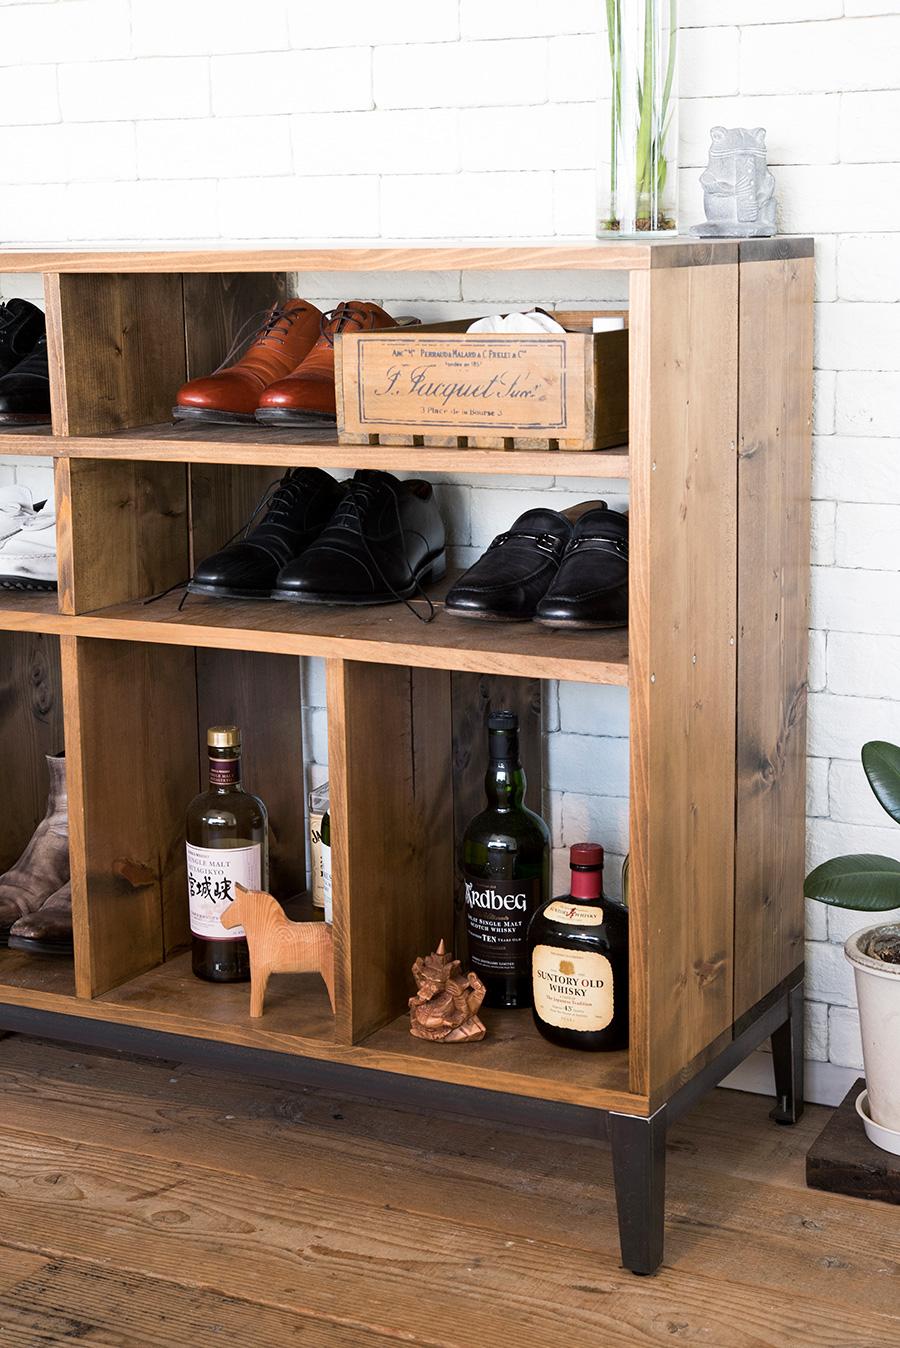 靴箱もDIYで作製。木材はあらかじめ寸法を決めて、購入時にカットしてもらうと楽なのだそう。ワックスを塗布し、スチールの脚を取り付けた。